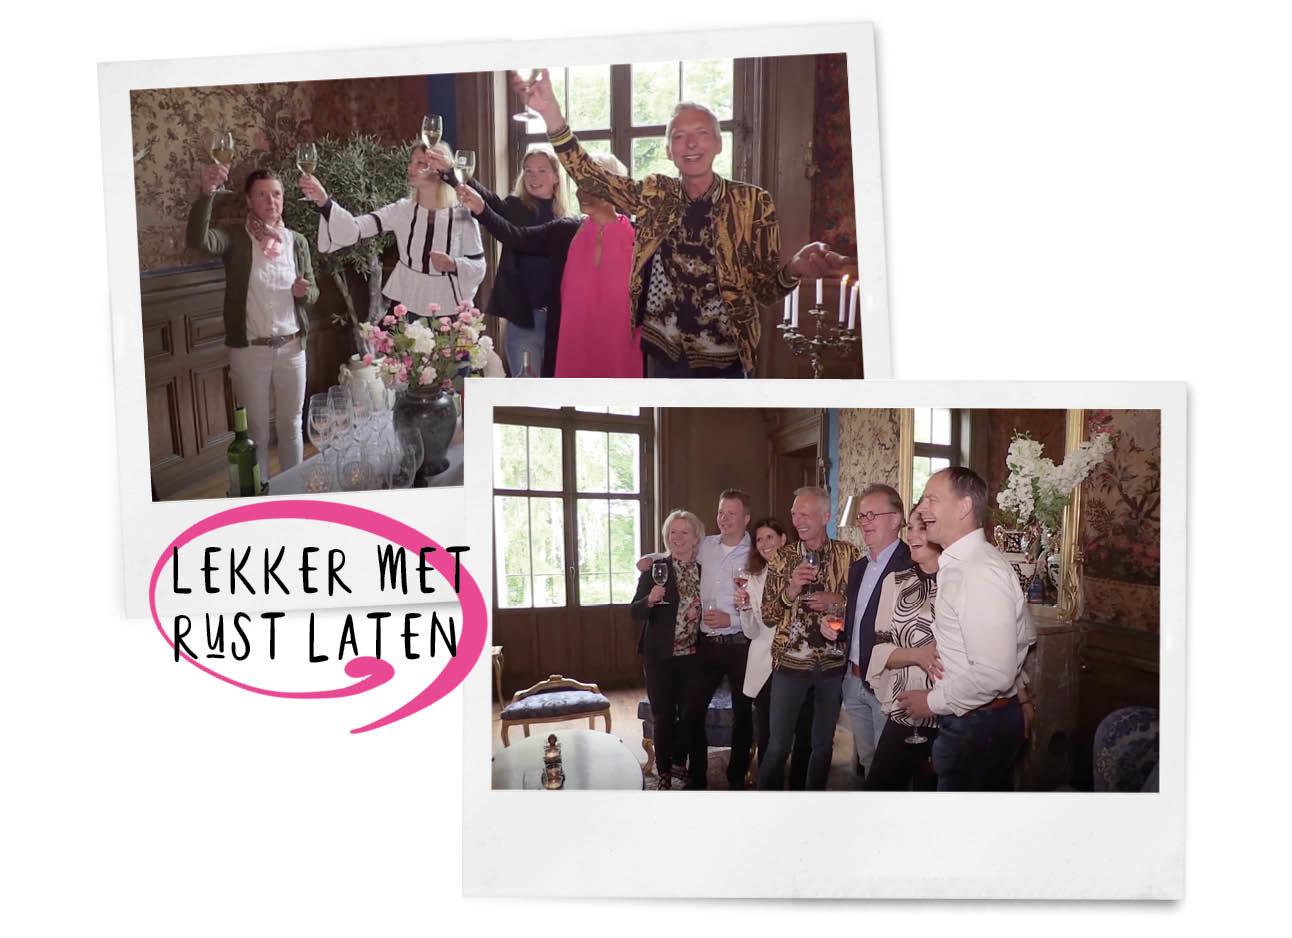 beelden uit de aflevering van Chateau Meiland